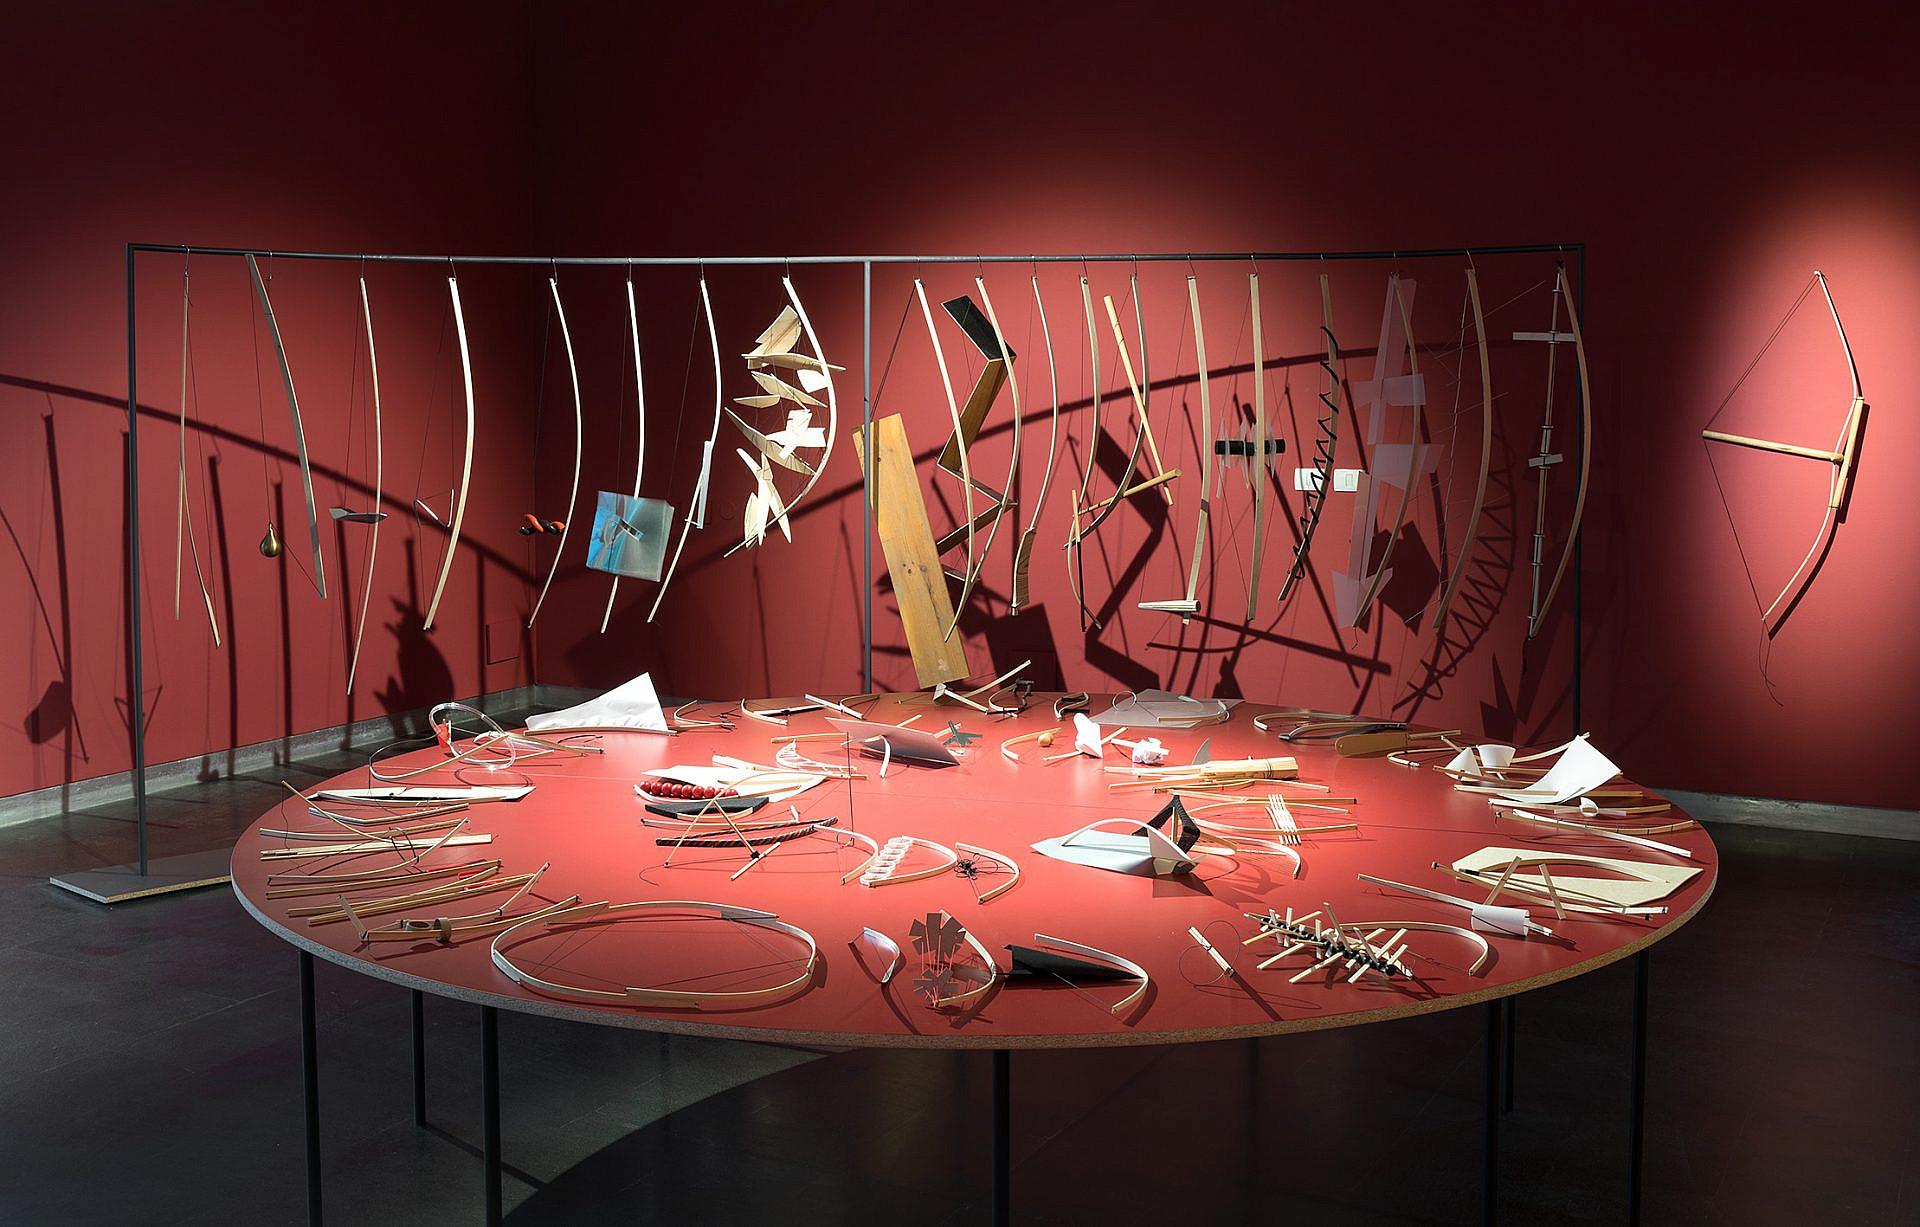 """הפתעות וריגושים בחדר האוסף החשוך. """"קופסה שחורה"""", מוזיאון העיצוב חולון (צילום: אלעד סריג)"""